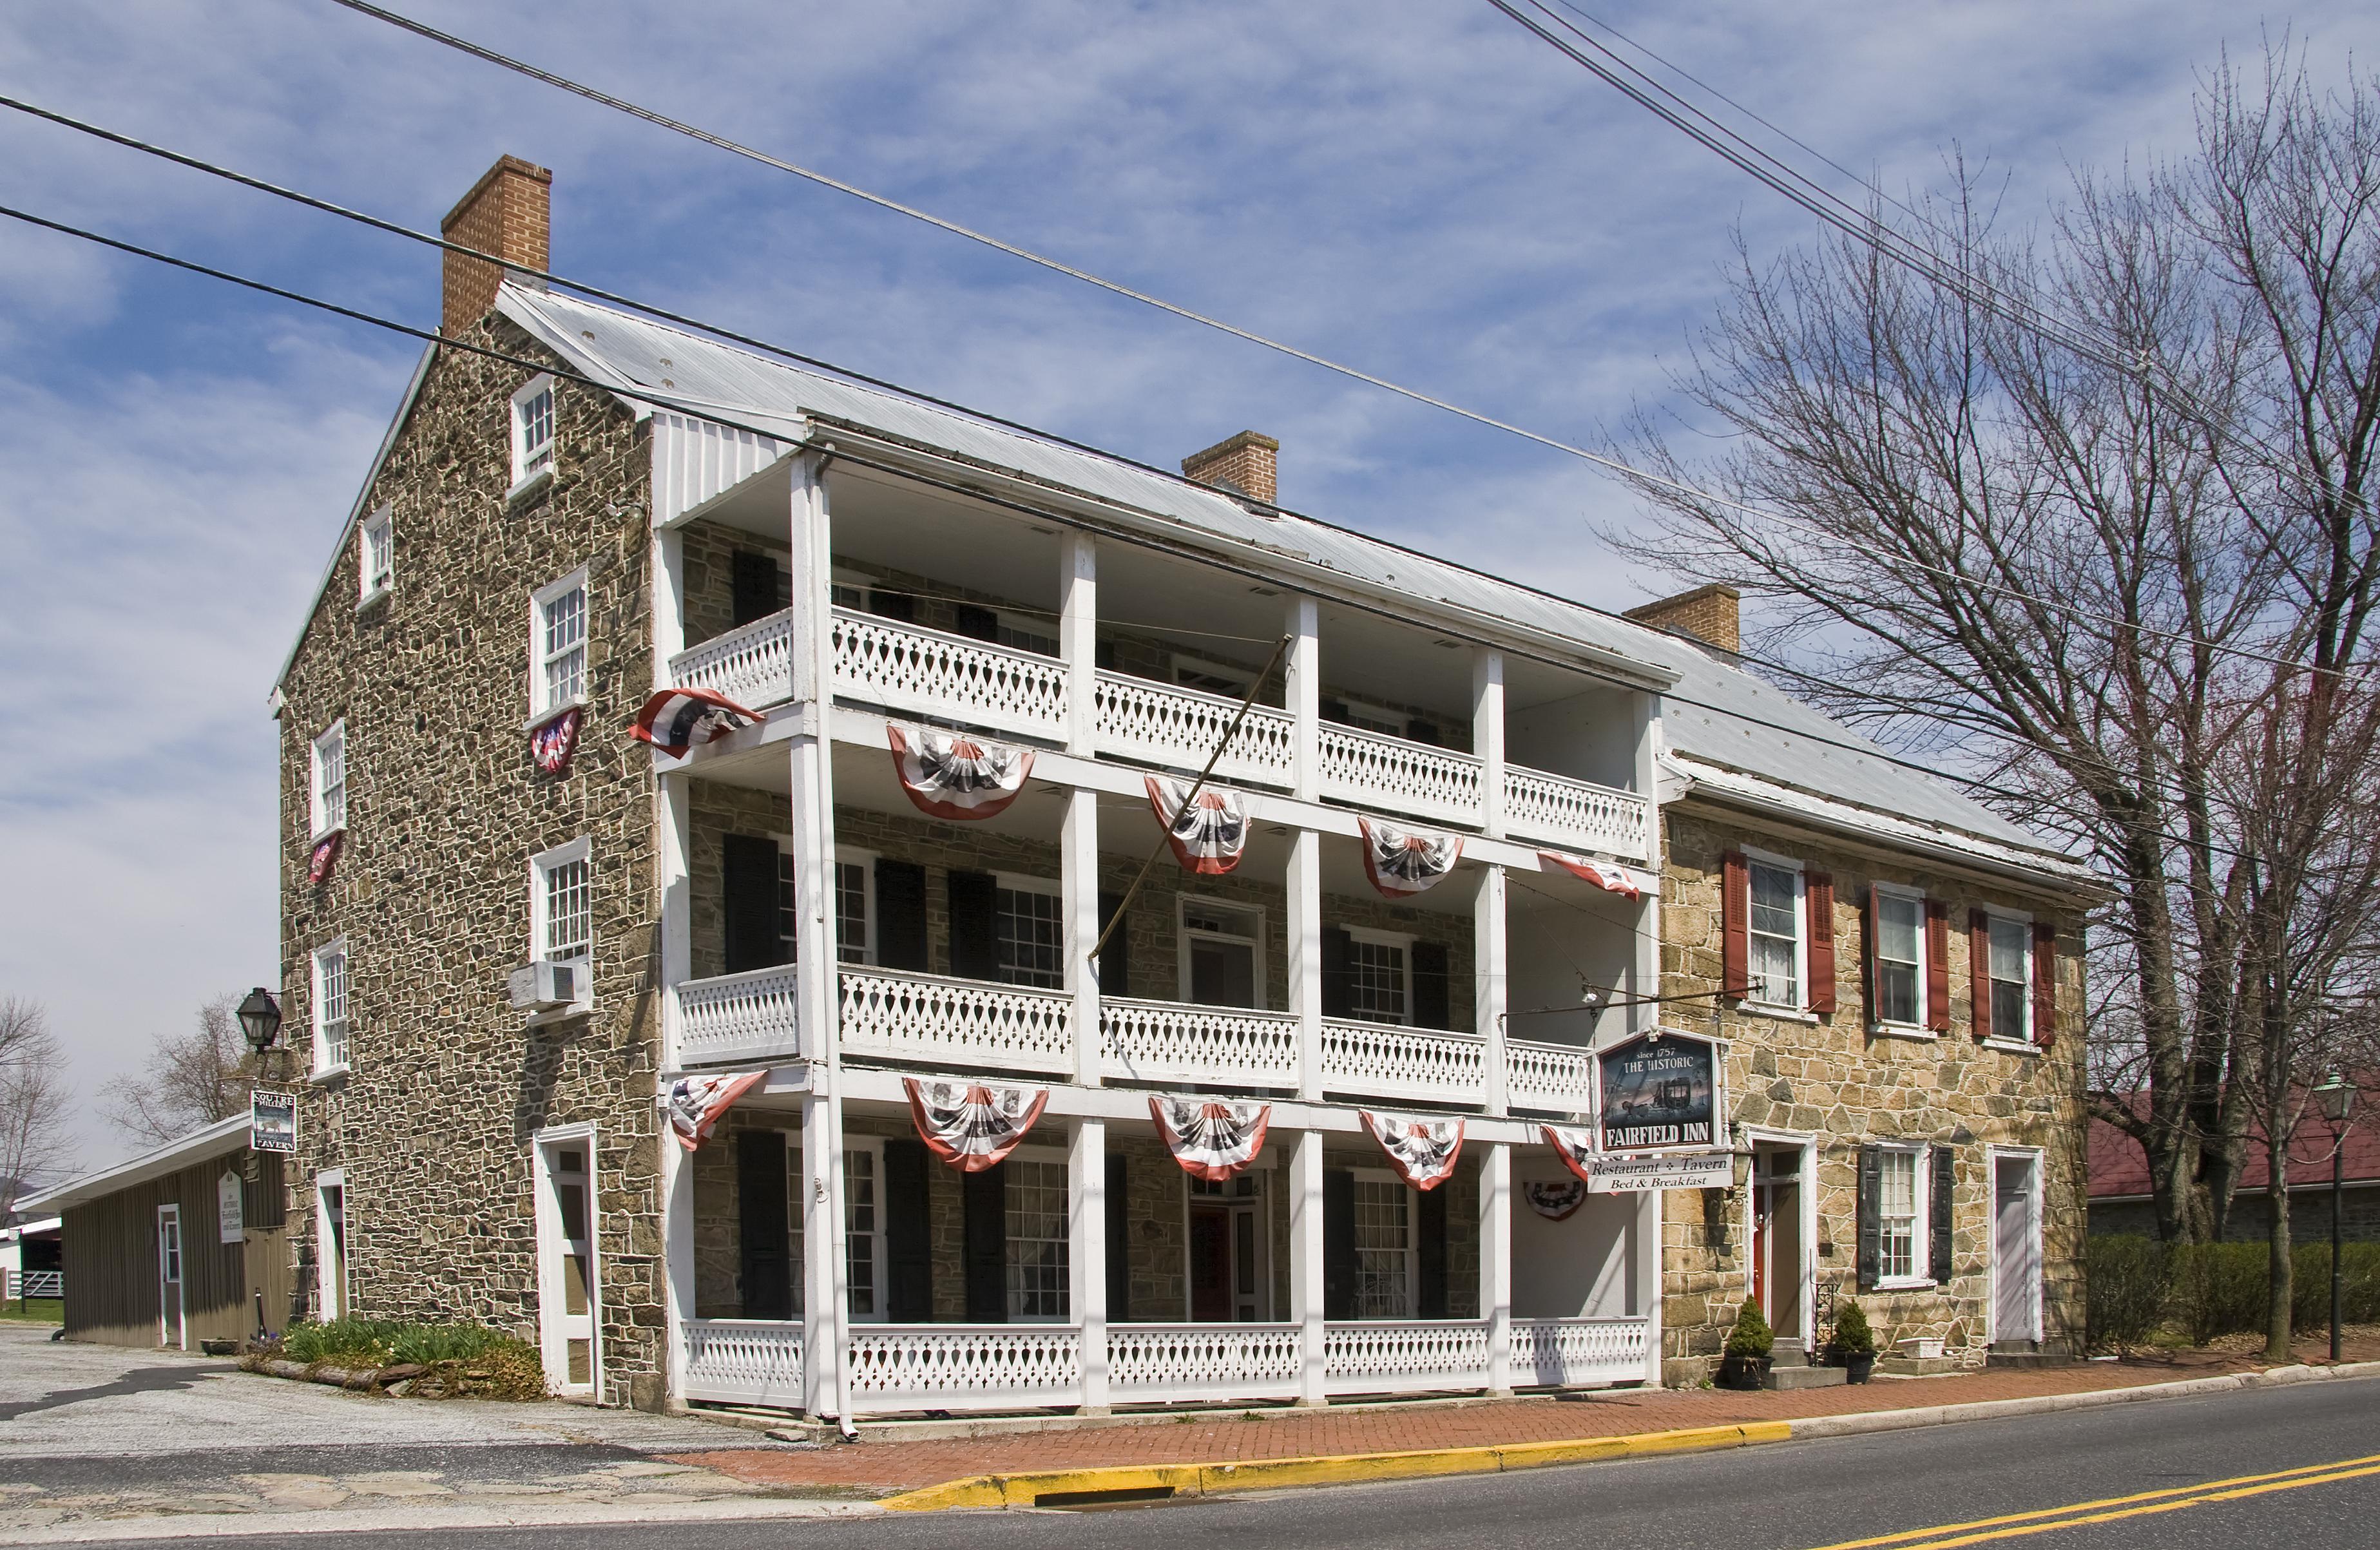 Fairfield pennsylvania wikiwand for Fairfield house